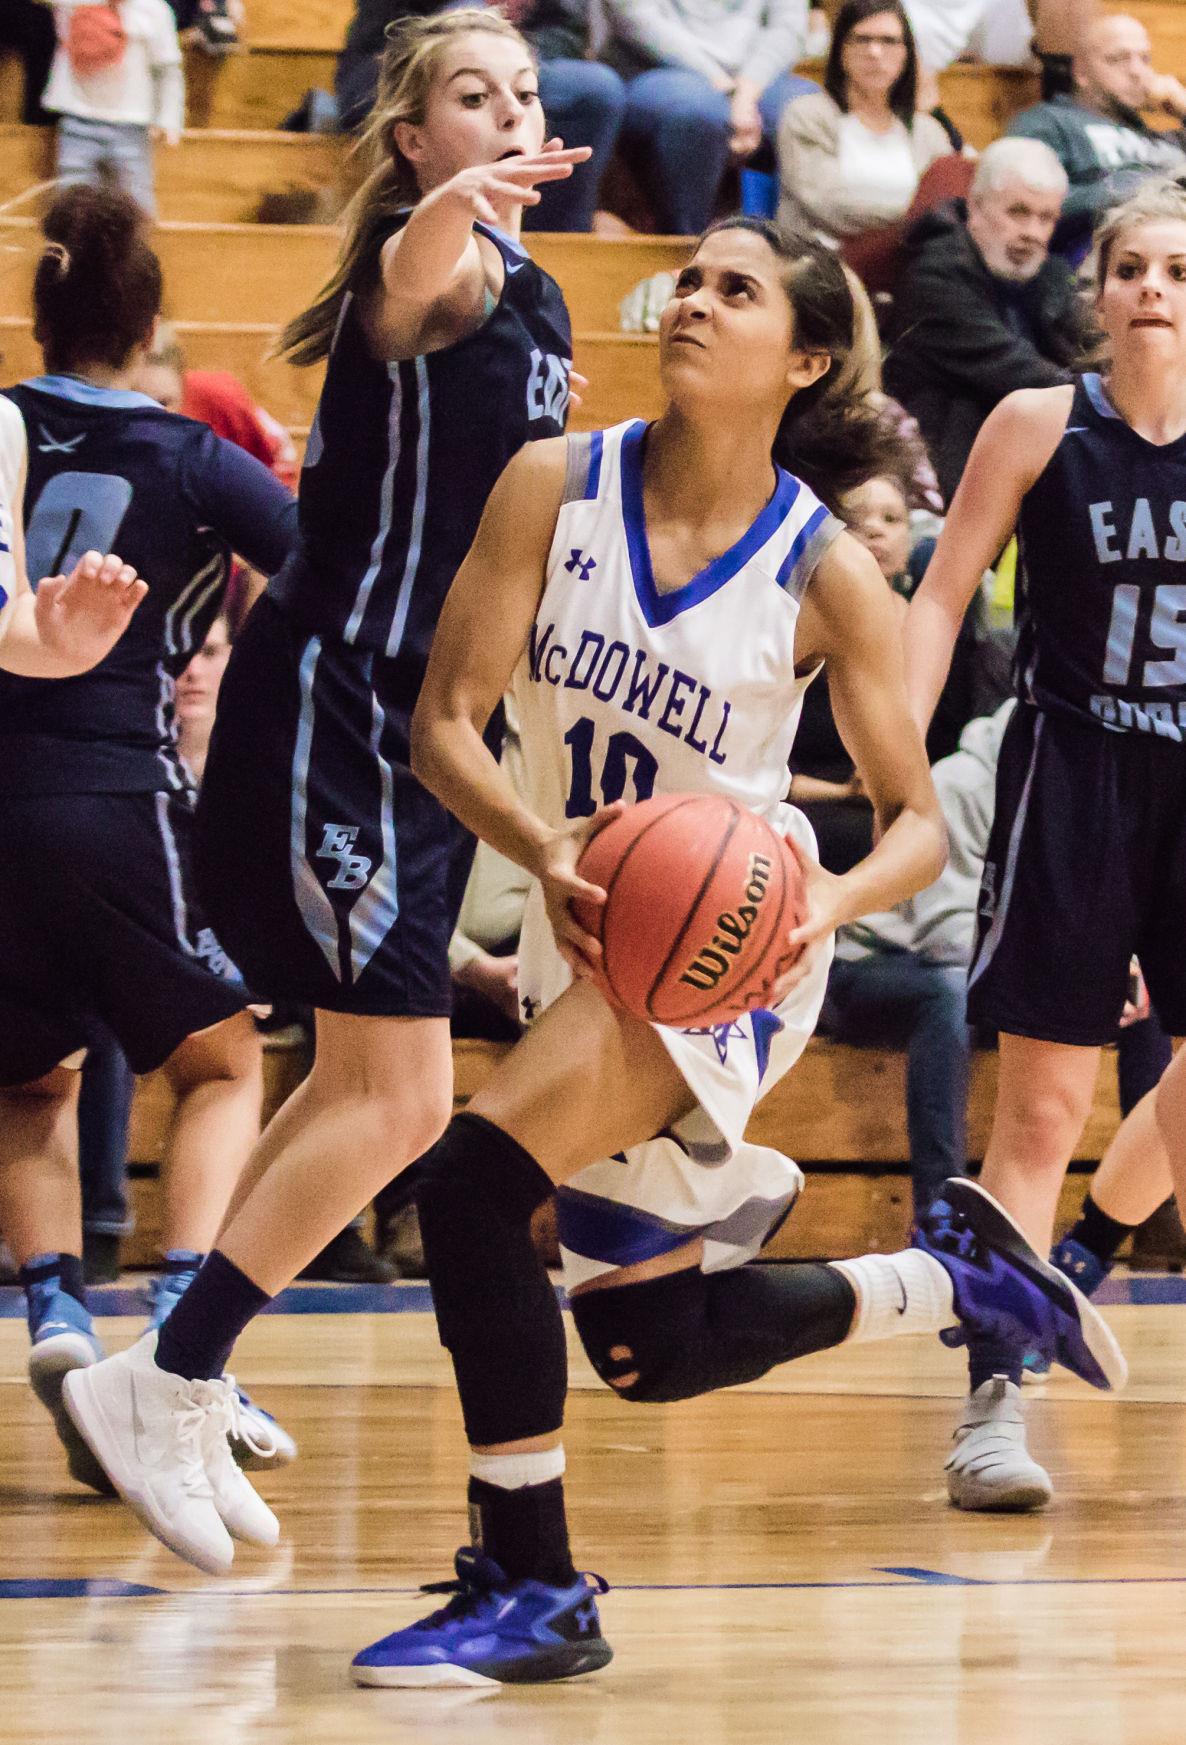 Unbeaten East Burke pounds Lady Titans